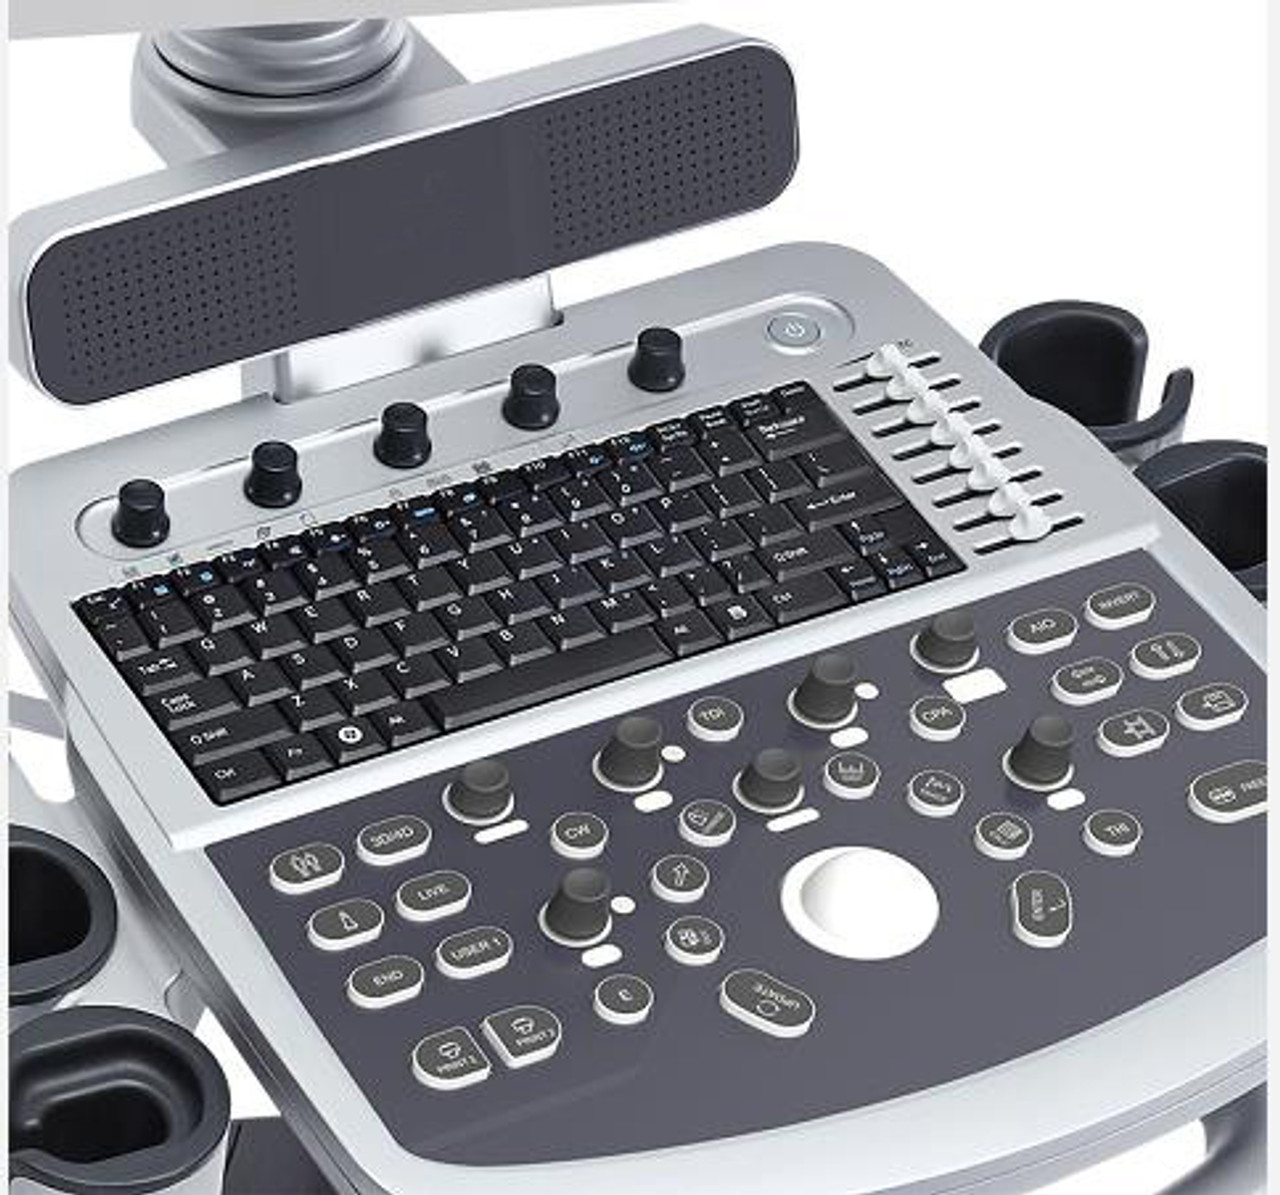 Ultrasound Keyboard for GE Healthcare DOK-V6227H TX-00-US 5442979-REV.3 English US Black New